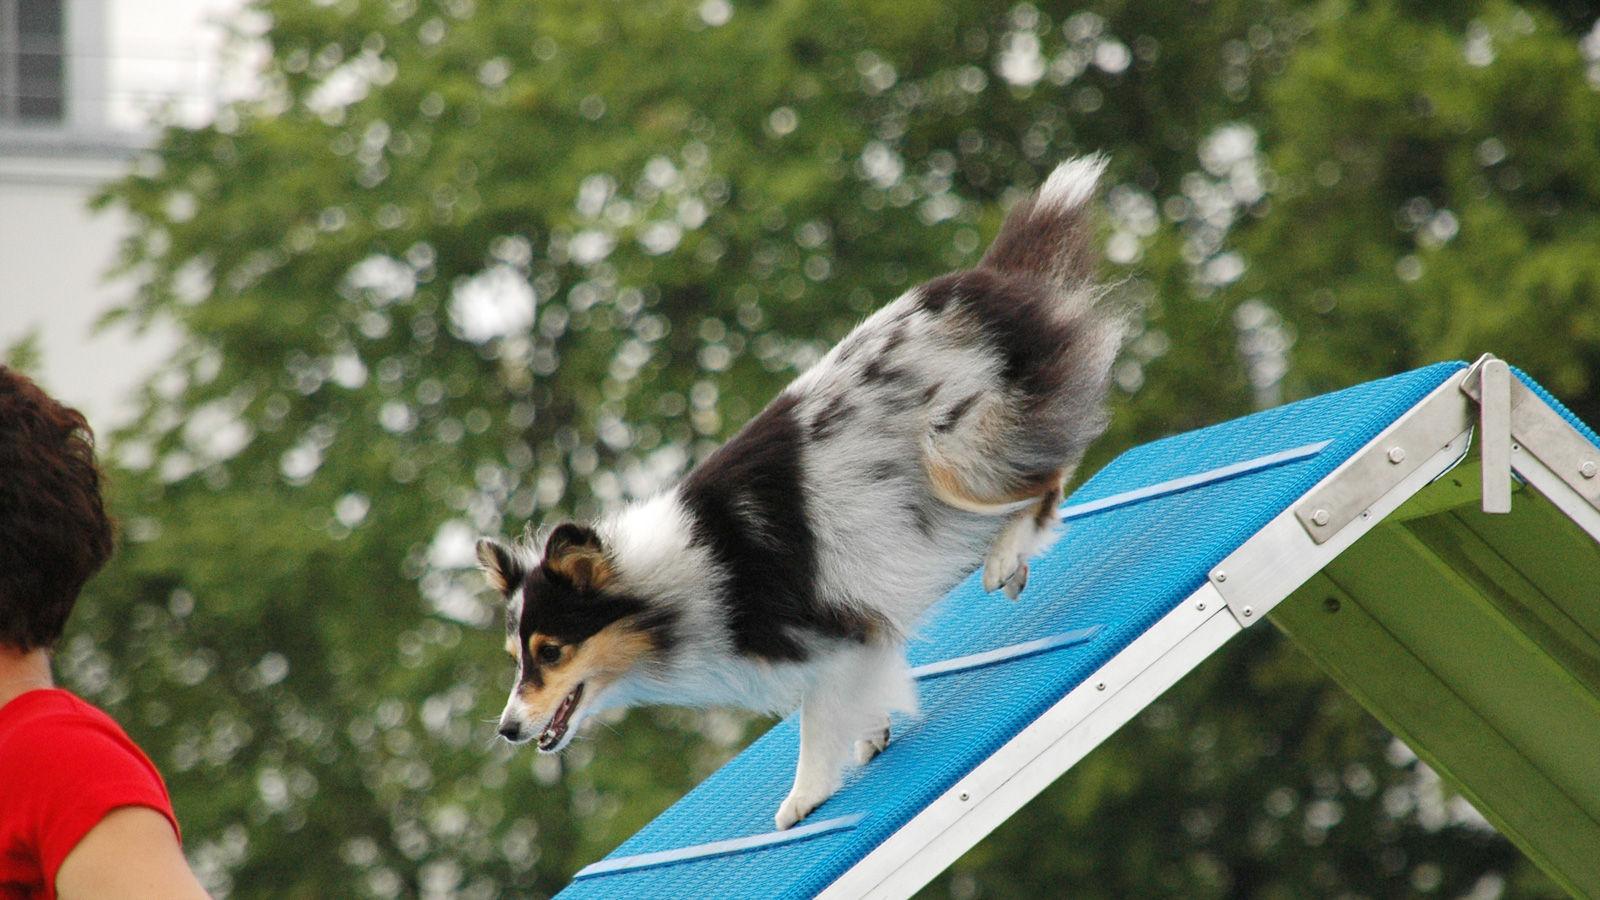 Seis deportes con tu perro: ¿cuál elegir?